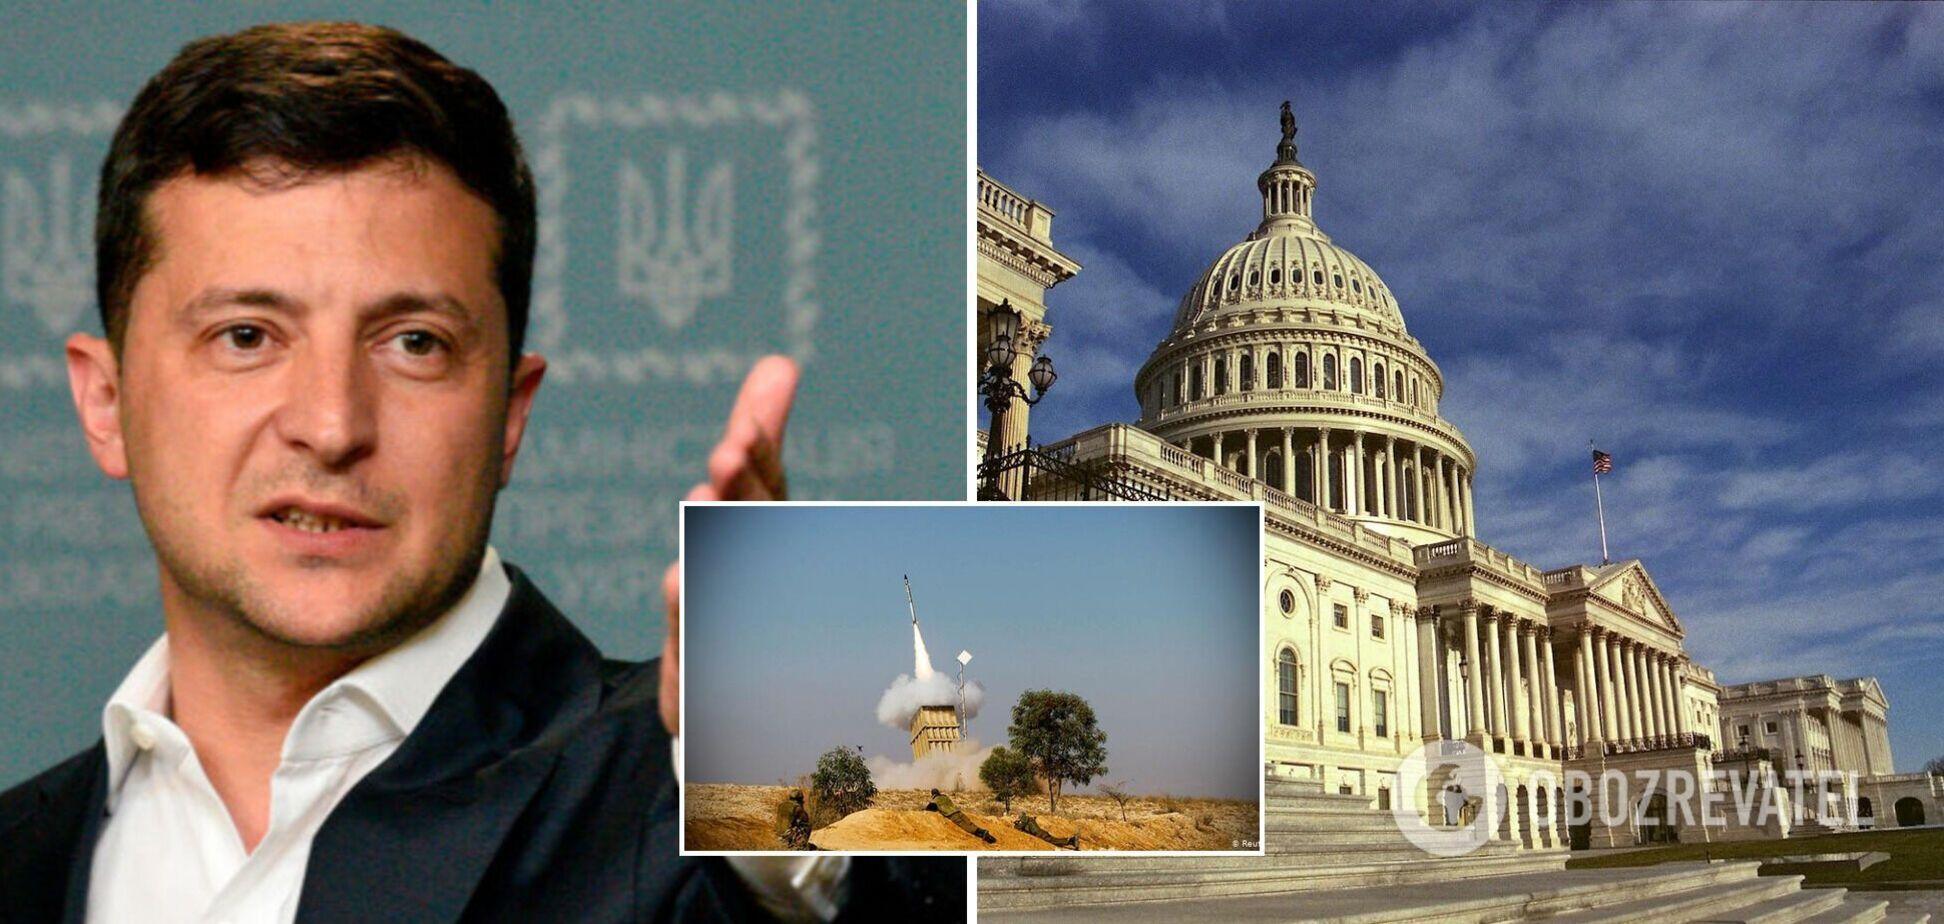 Зеленский о возможности представления Украине 'Железного купола': рано говорить, но вы слышали эти месседжи